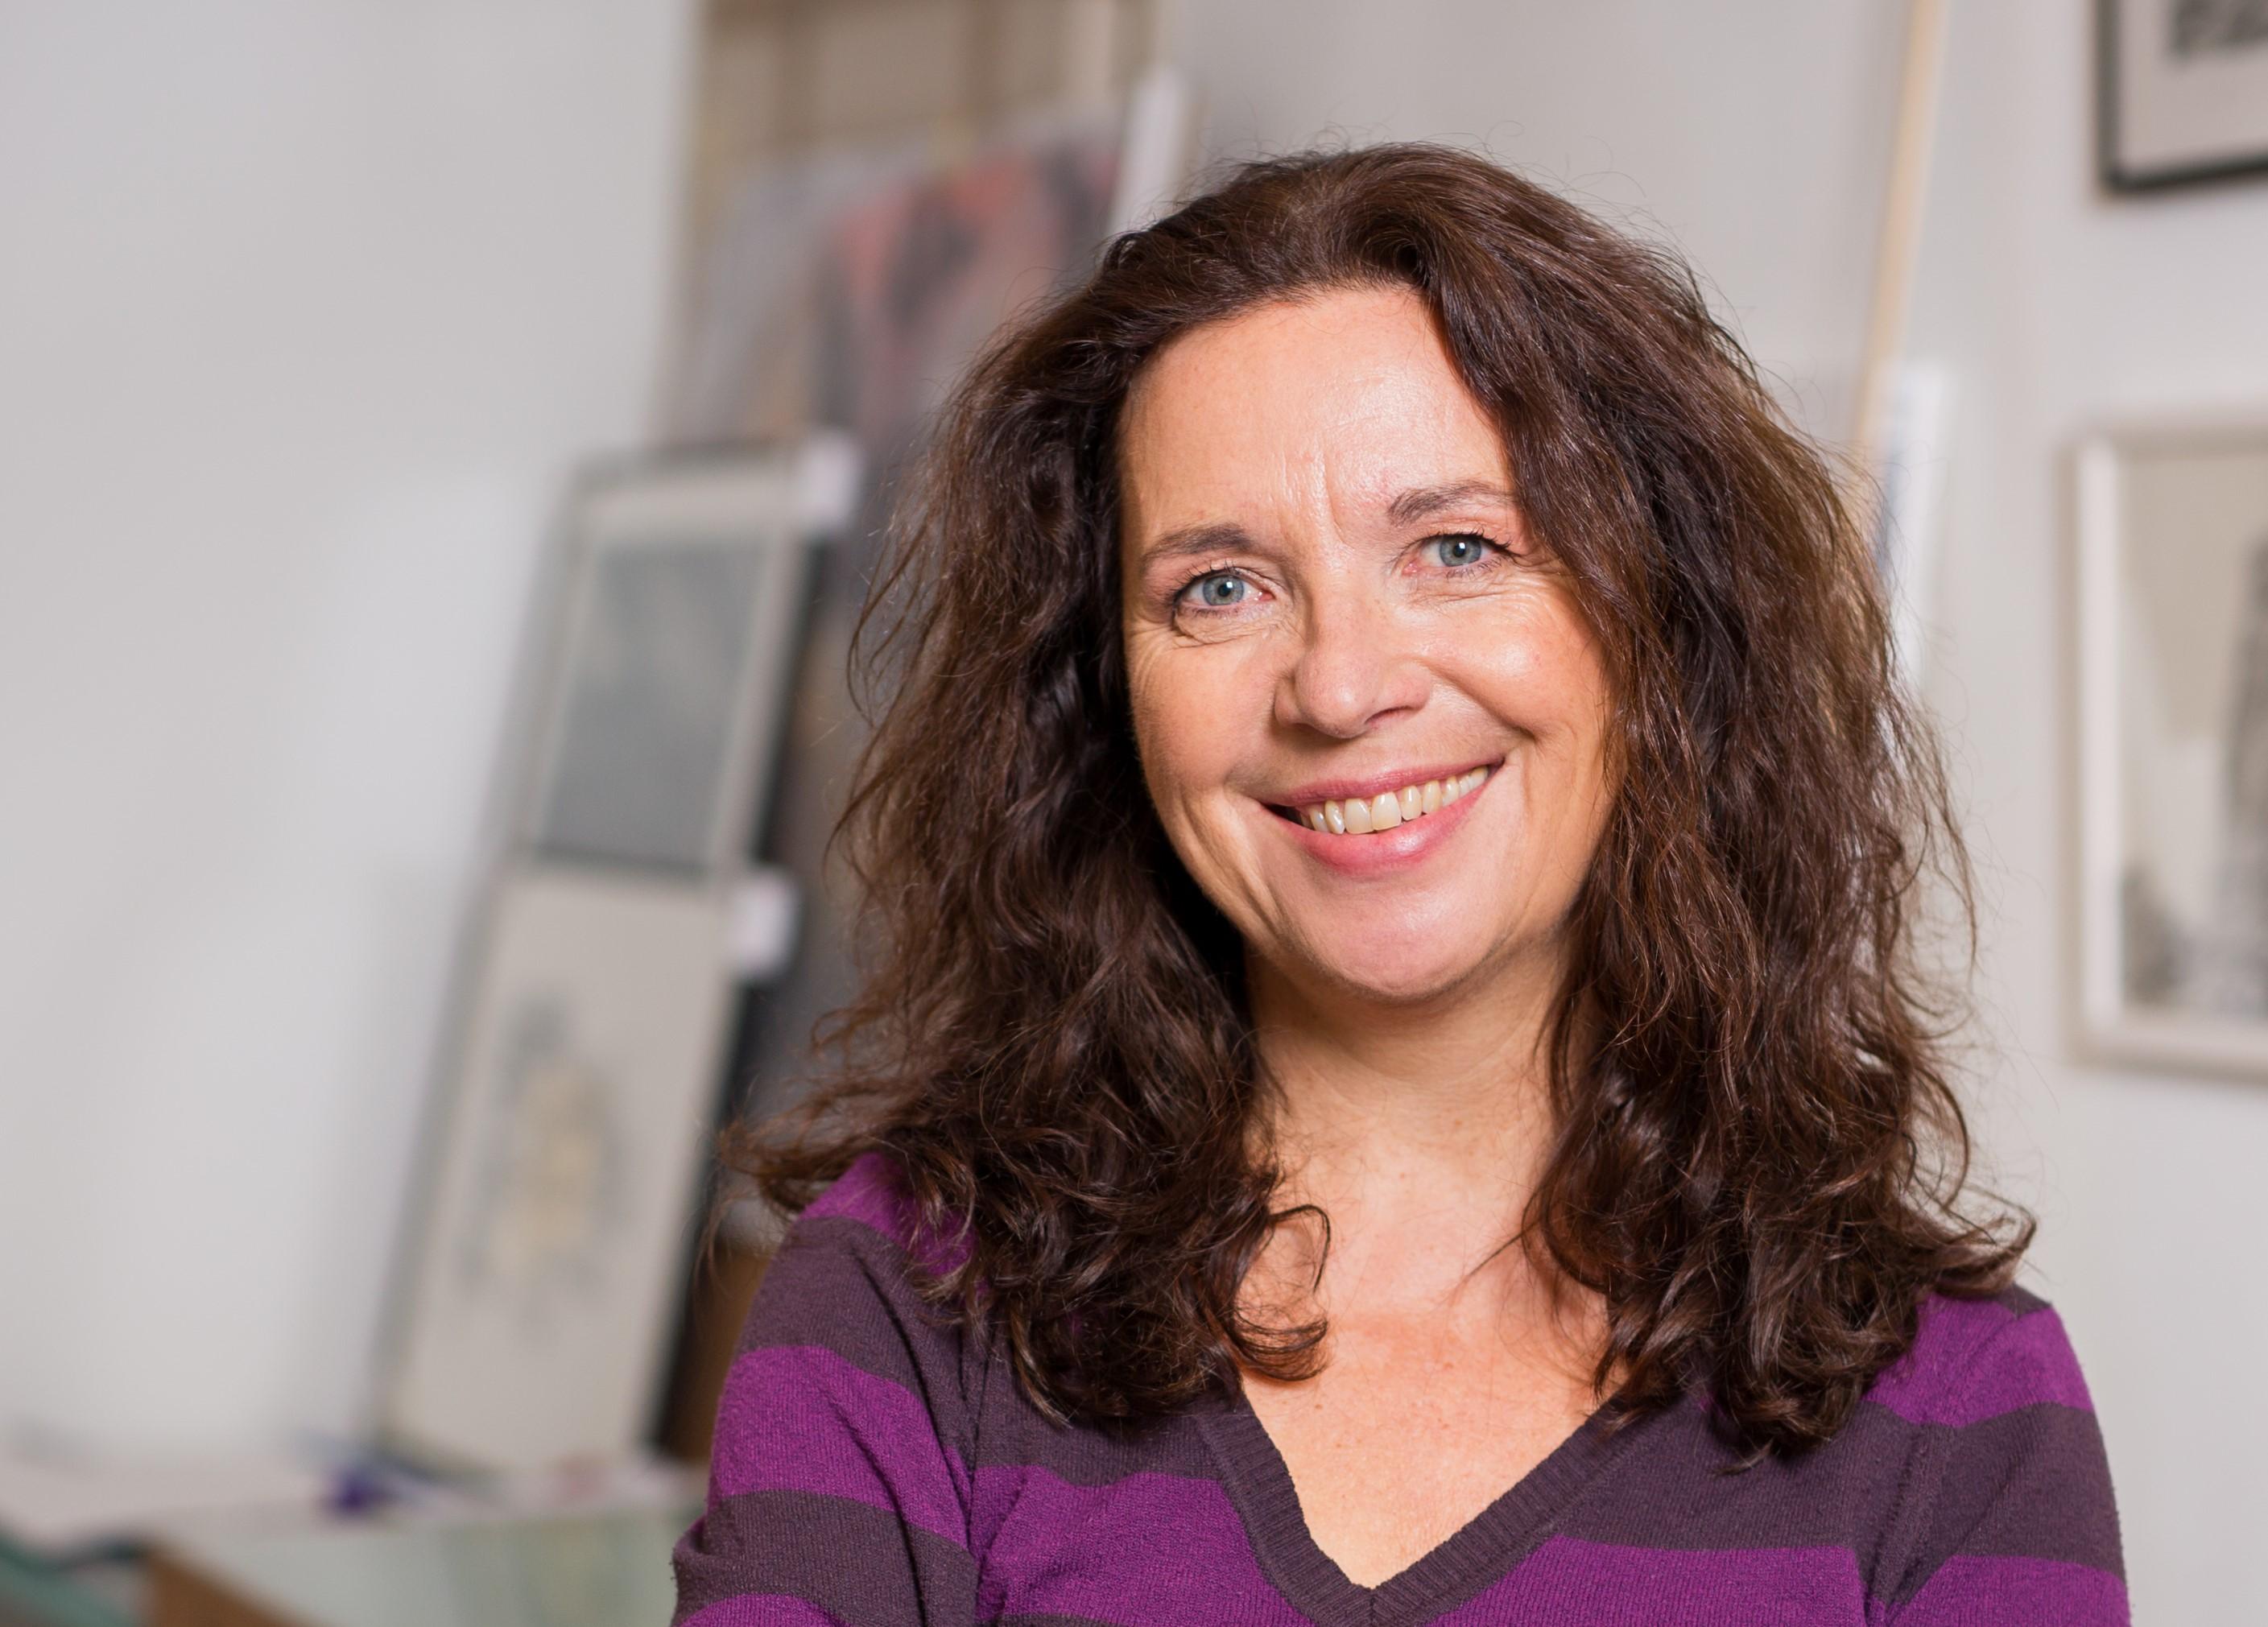 Anita Hahn